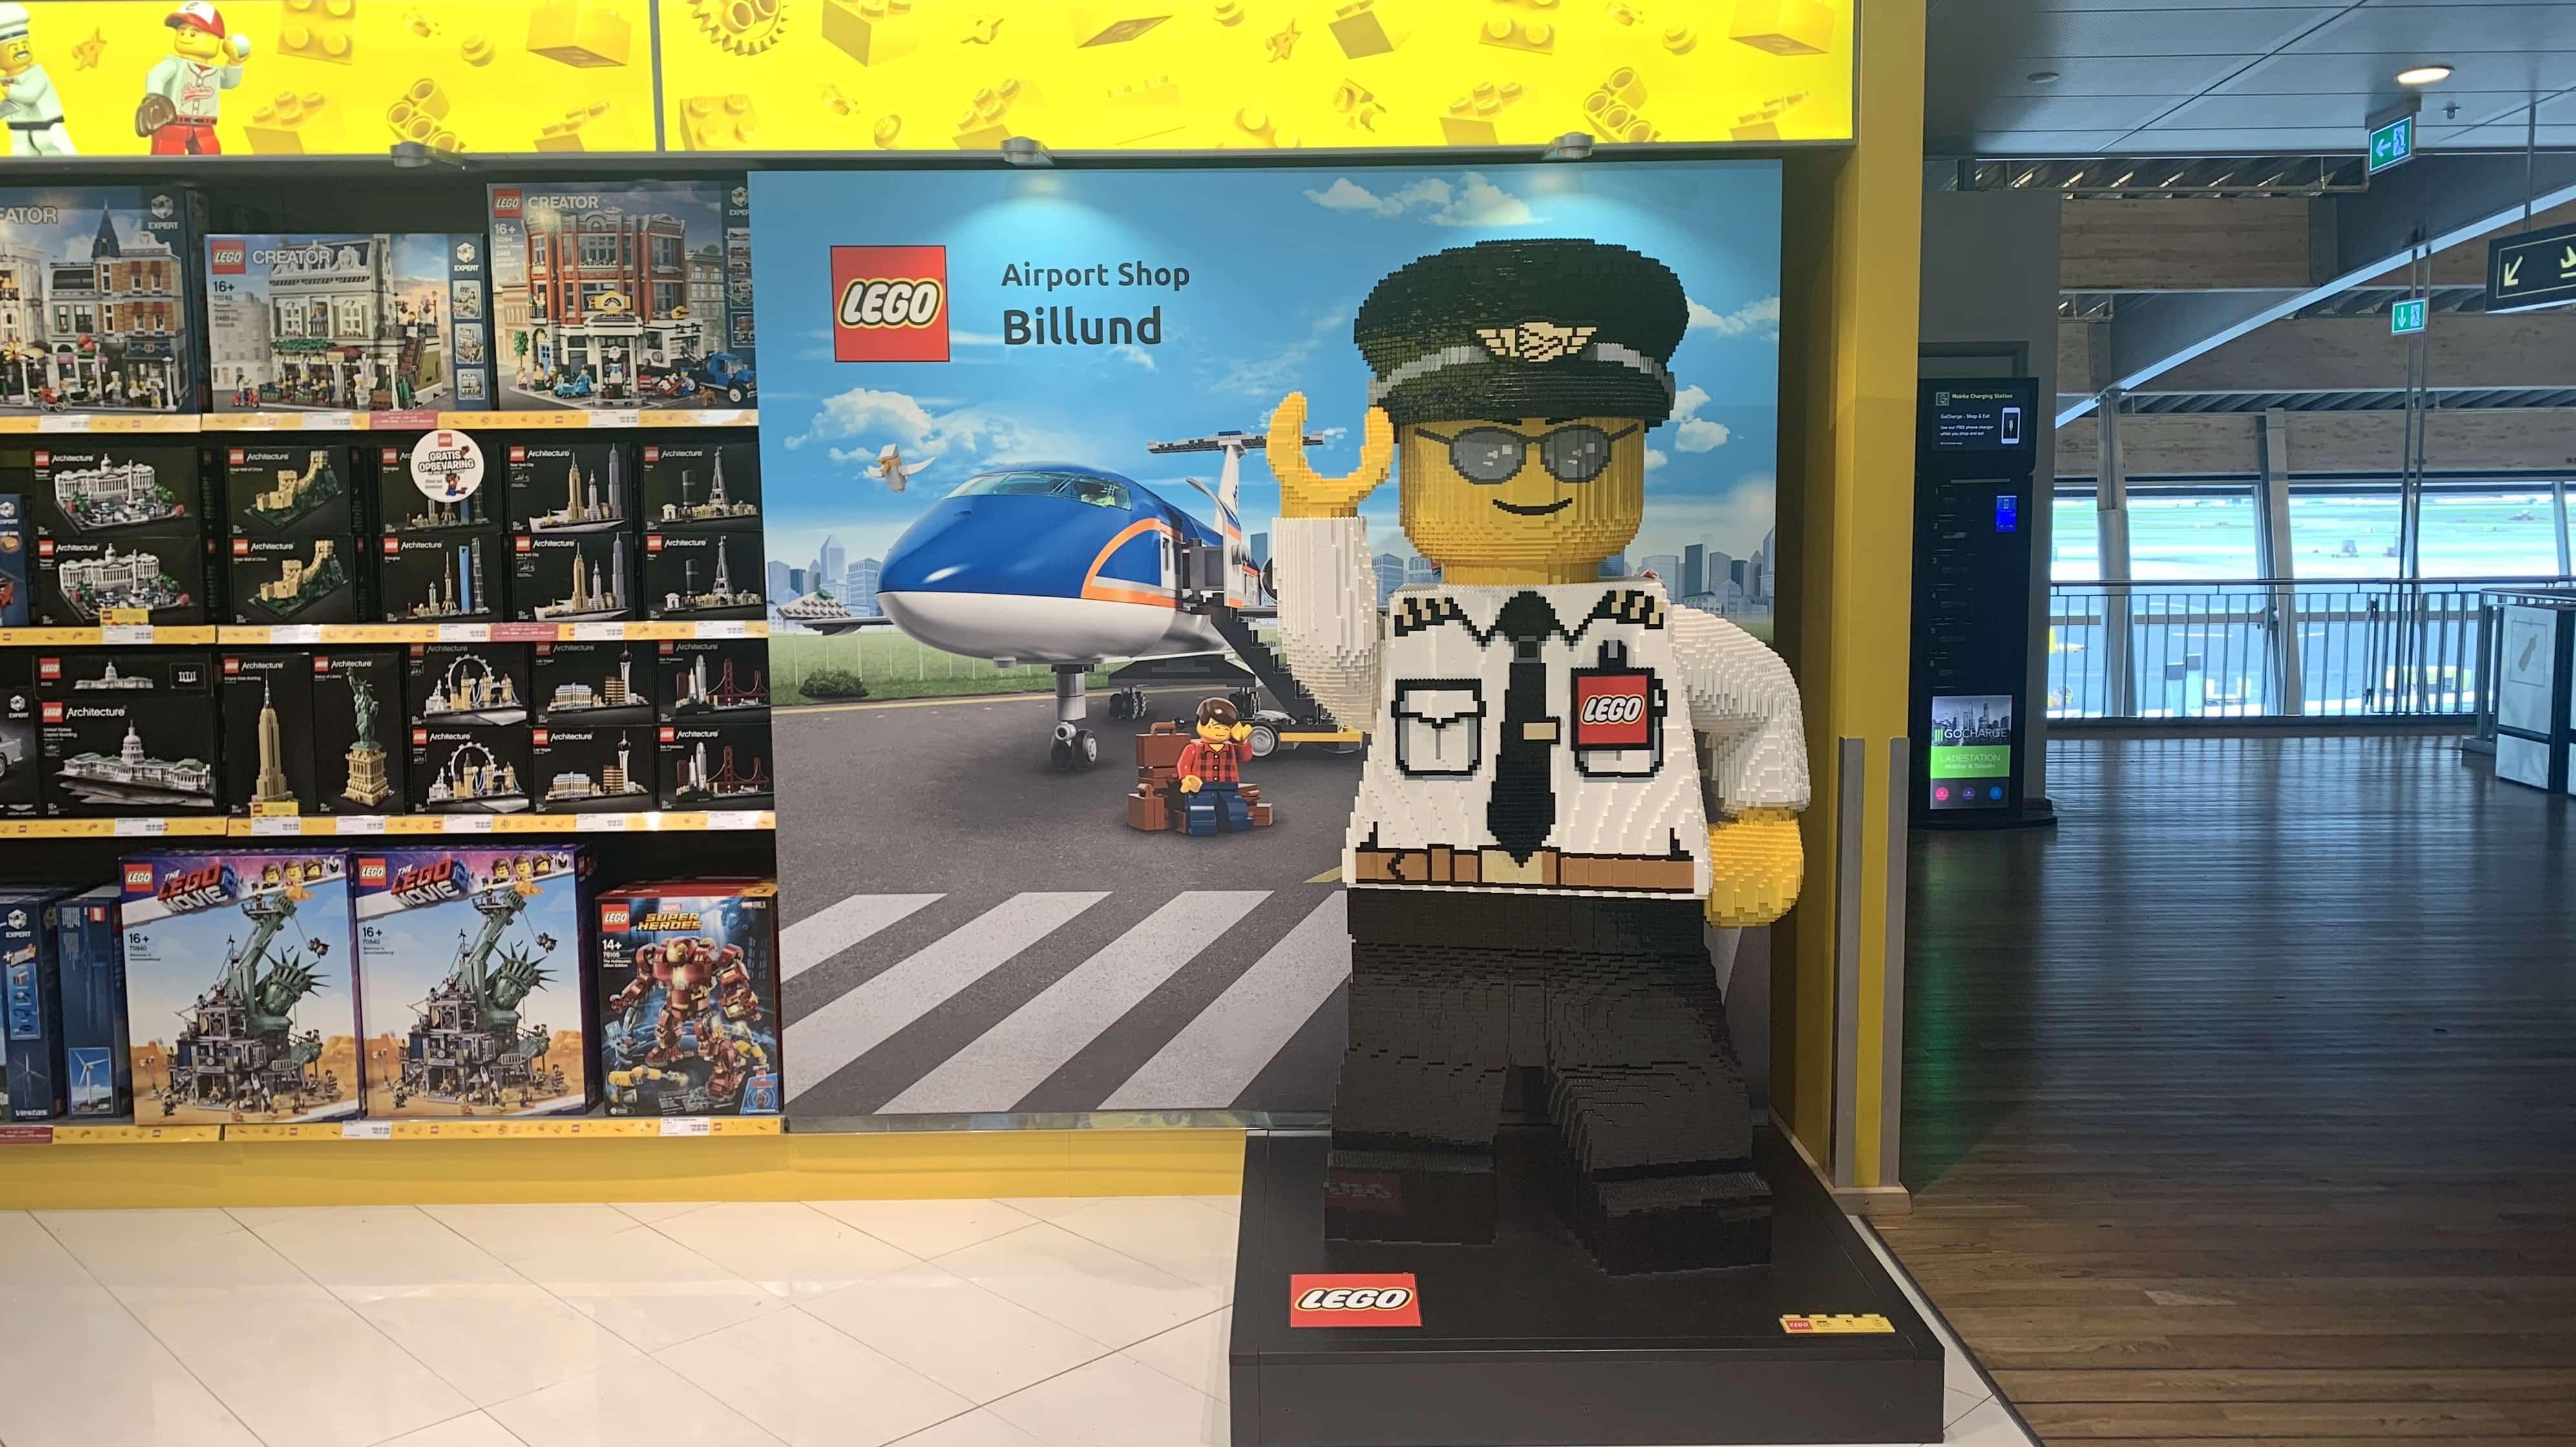 Noch bekannter als für seinen Flughafen ist Billund für das Legoland. Keine Überraschung also, dass es auch im Flughafen einen großen Lego-Shop und viele große Legomännchen gibt.